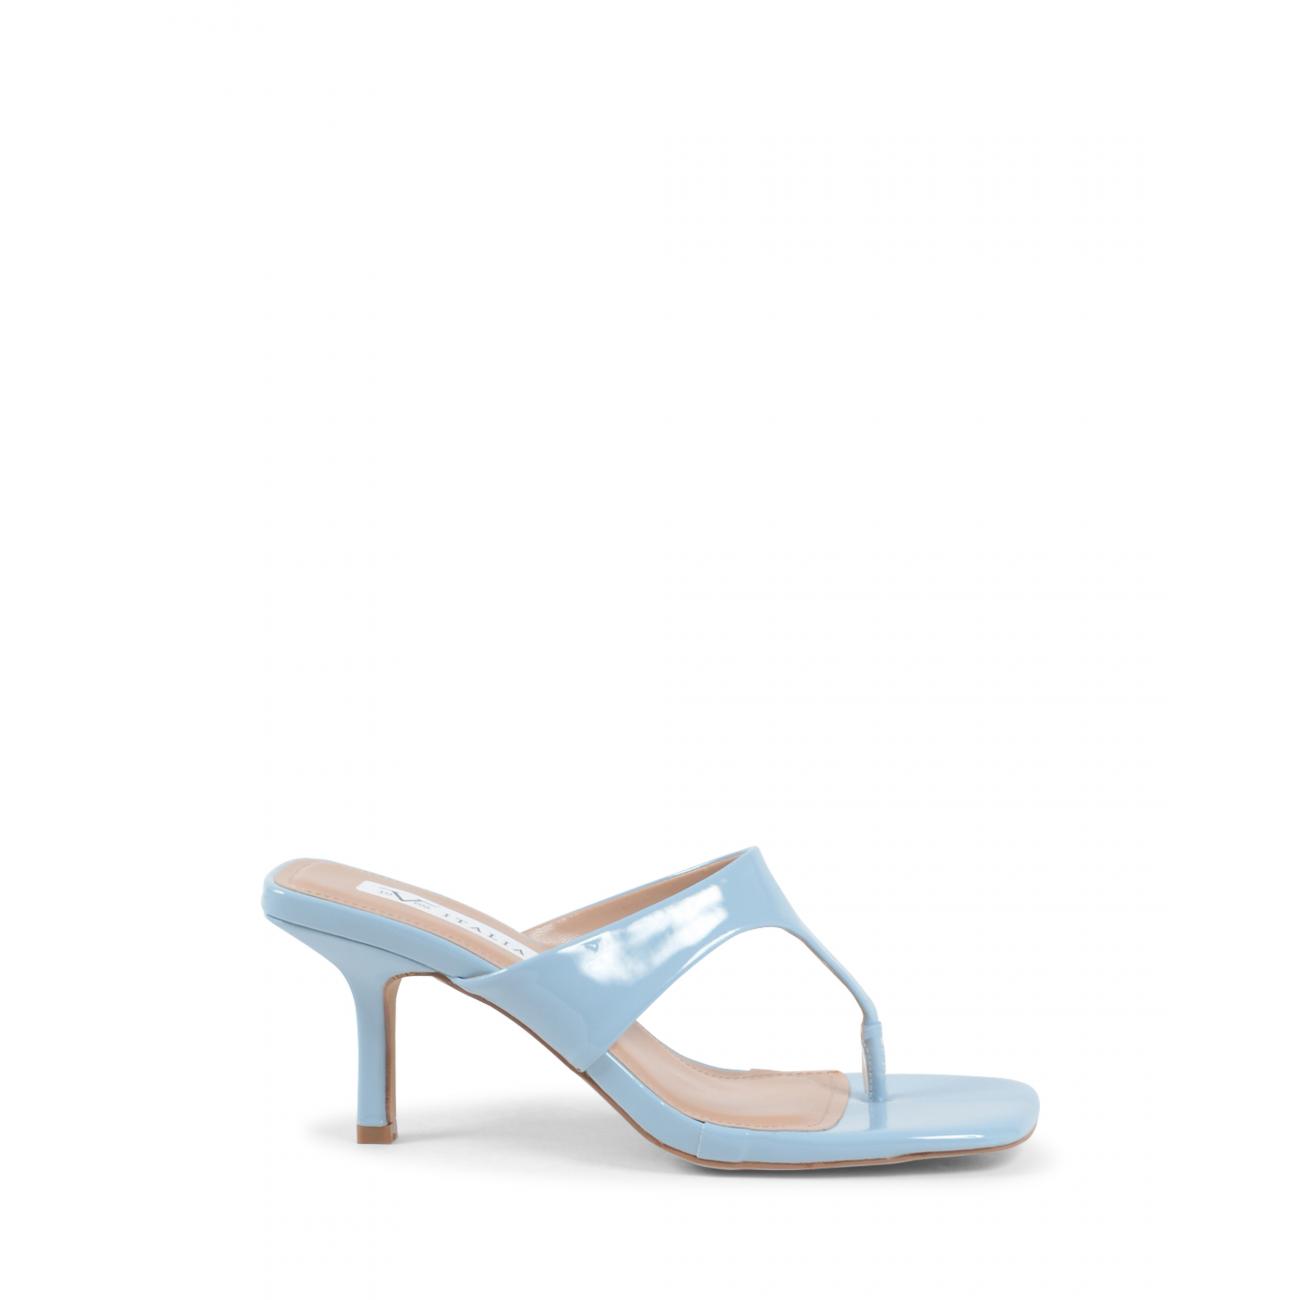 19V69 Italia Women's Mule Sandal Blue V81819 BLUE